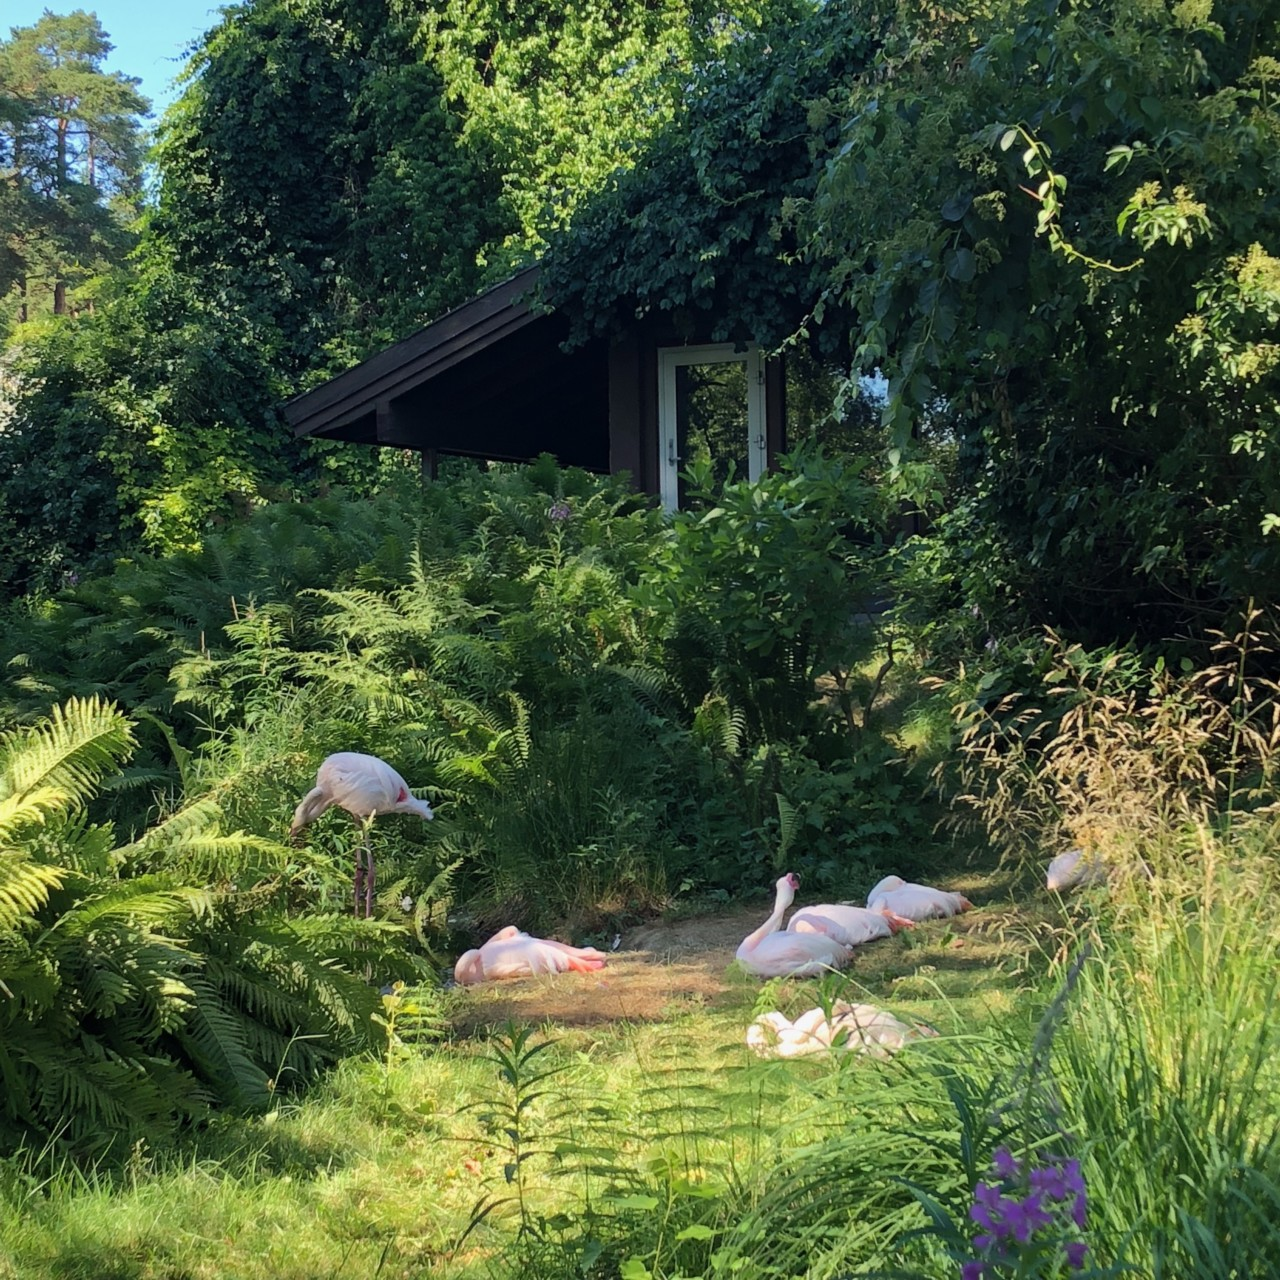 flamingoer-dyreparken-kristiansand-green-house